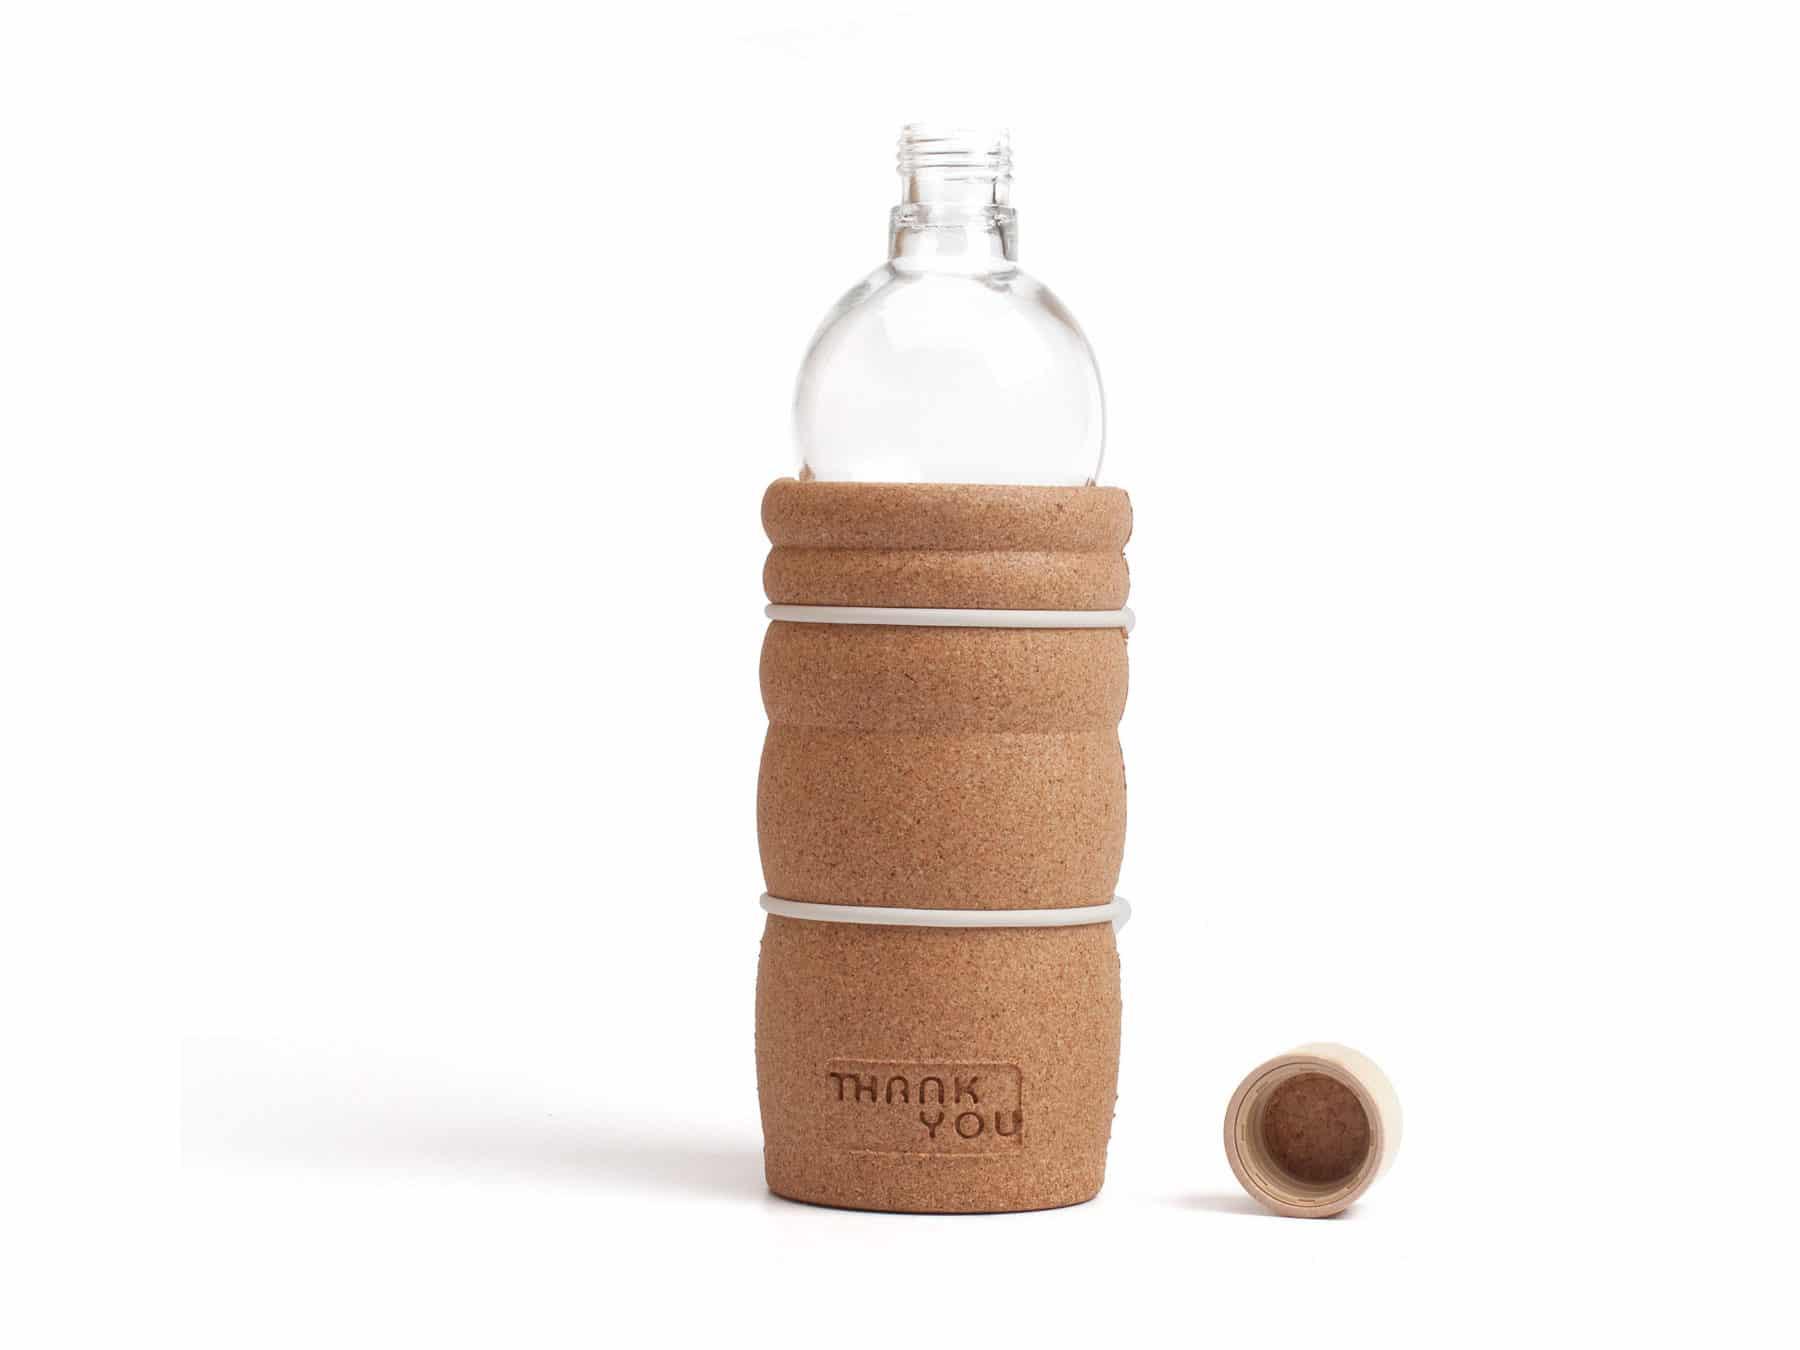 Trinkflasche Glas 7 dl Kork thankyou natures design KURTS.ch